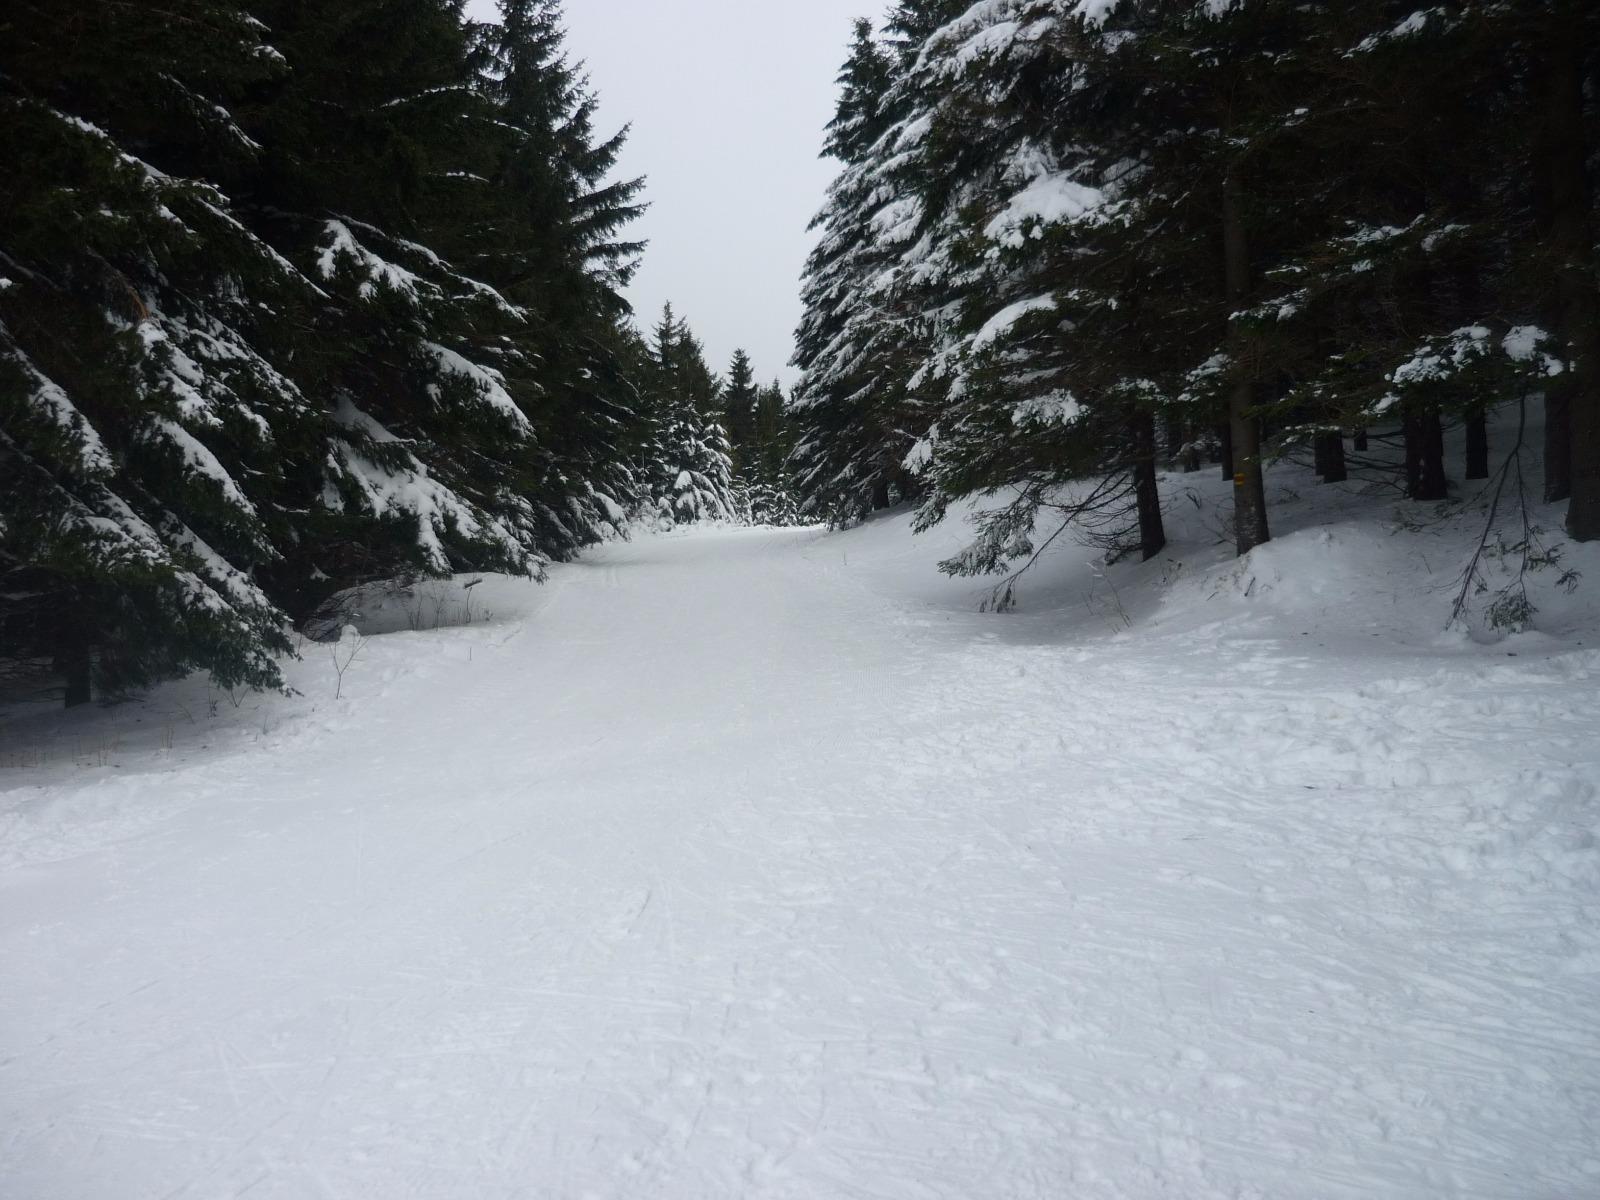 Skiareal Sindelna - Kouty nad Desnou (Winkelsdorf)